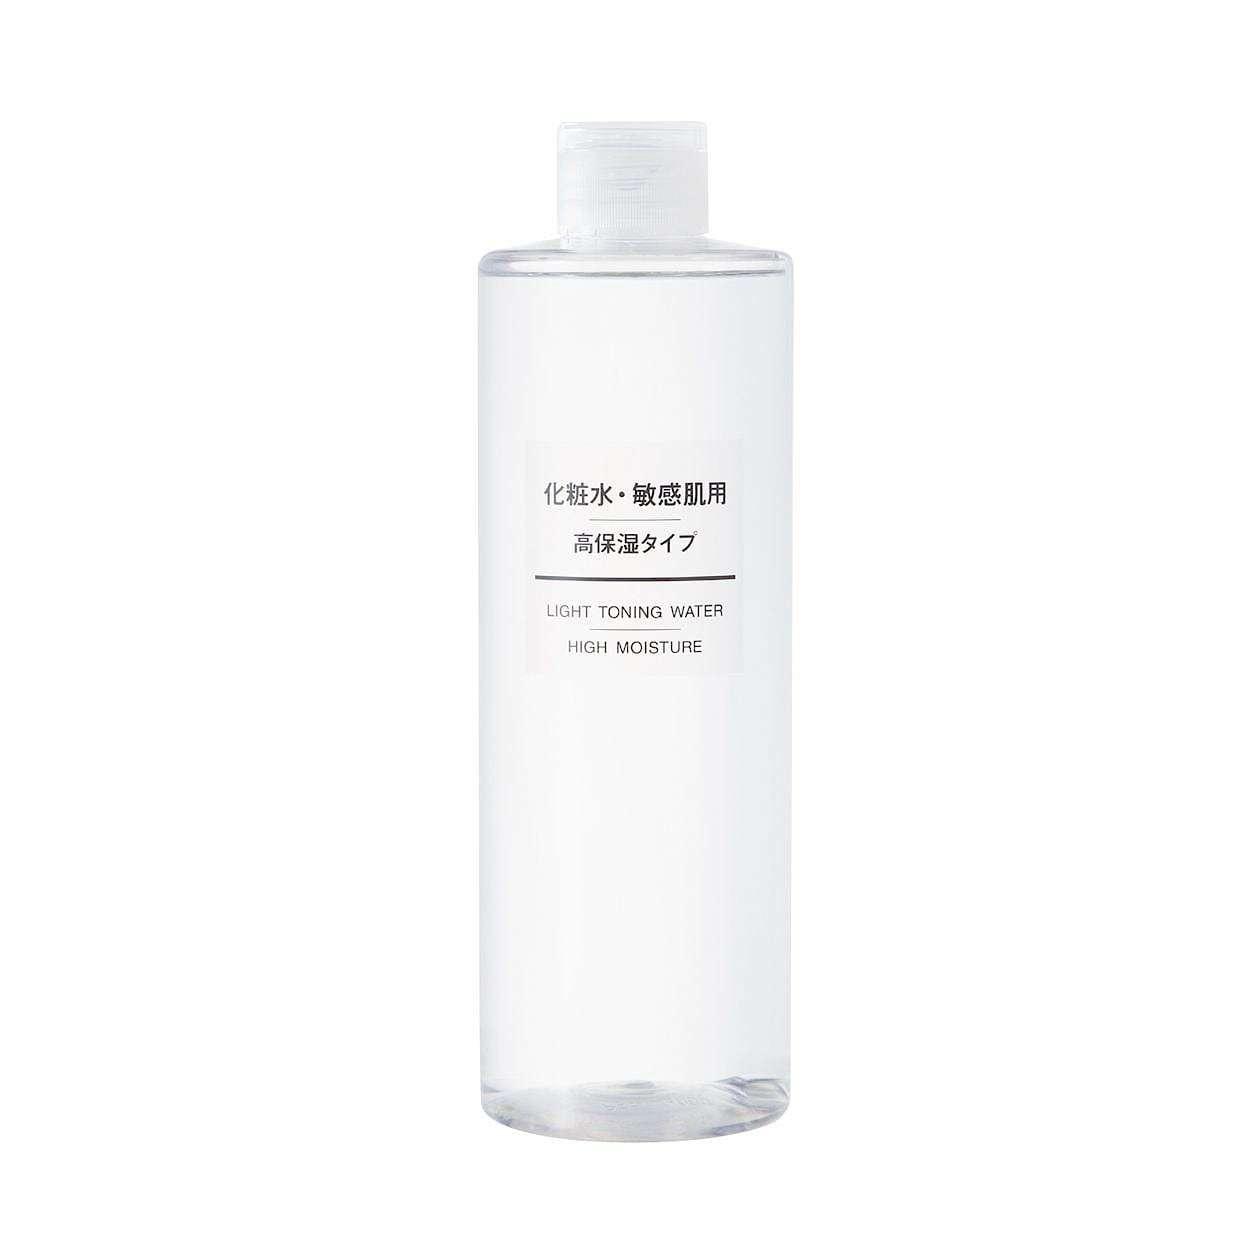 無印良品(むじるしりょうひん) 化粧水・敏感肌用・高保湿タイプ